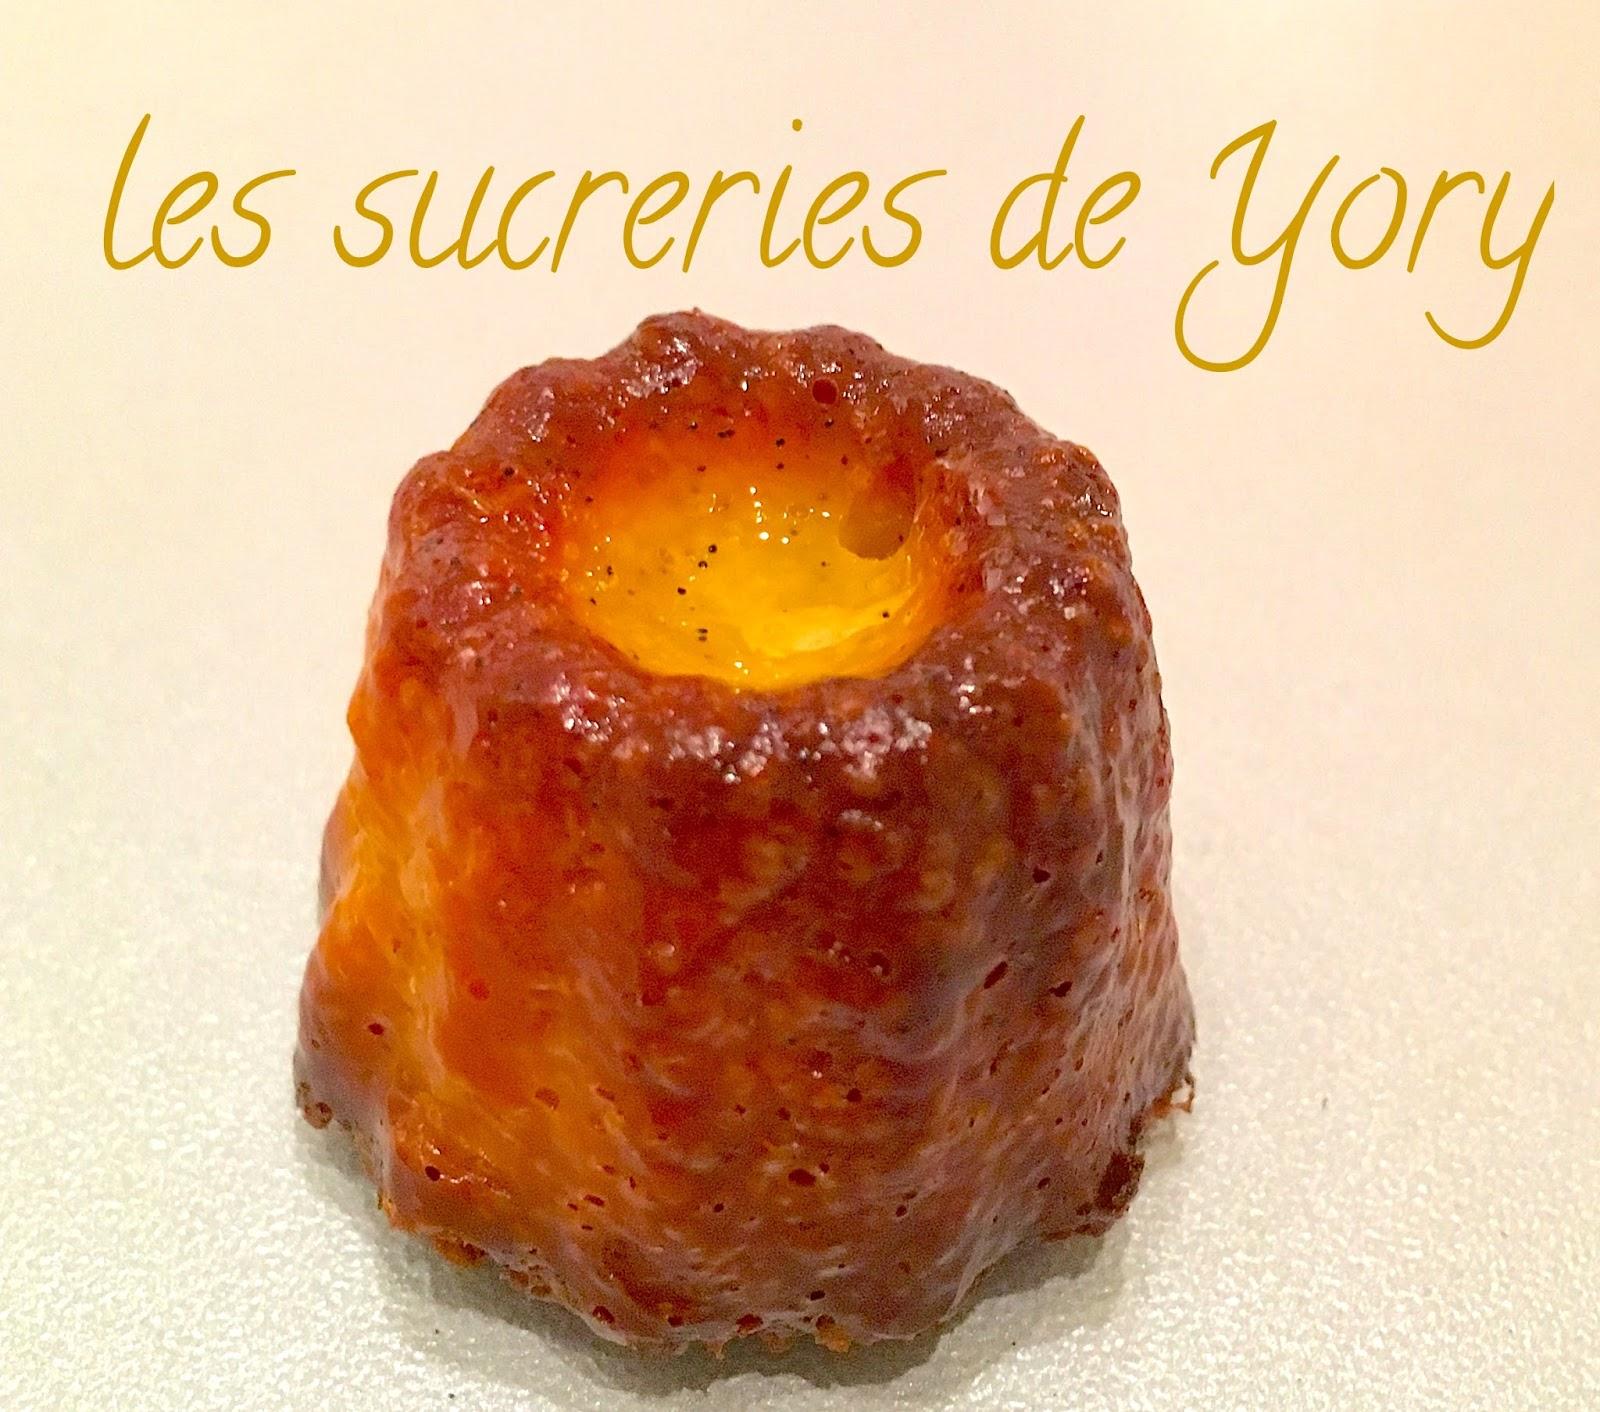 Les sucreries de yory cannel s bordelais - Canneles bordelais recette originale ...